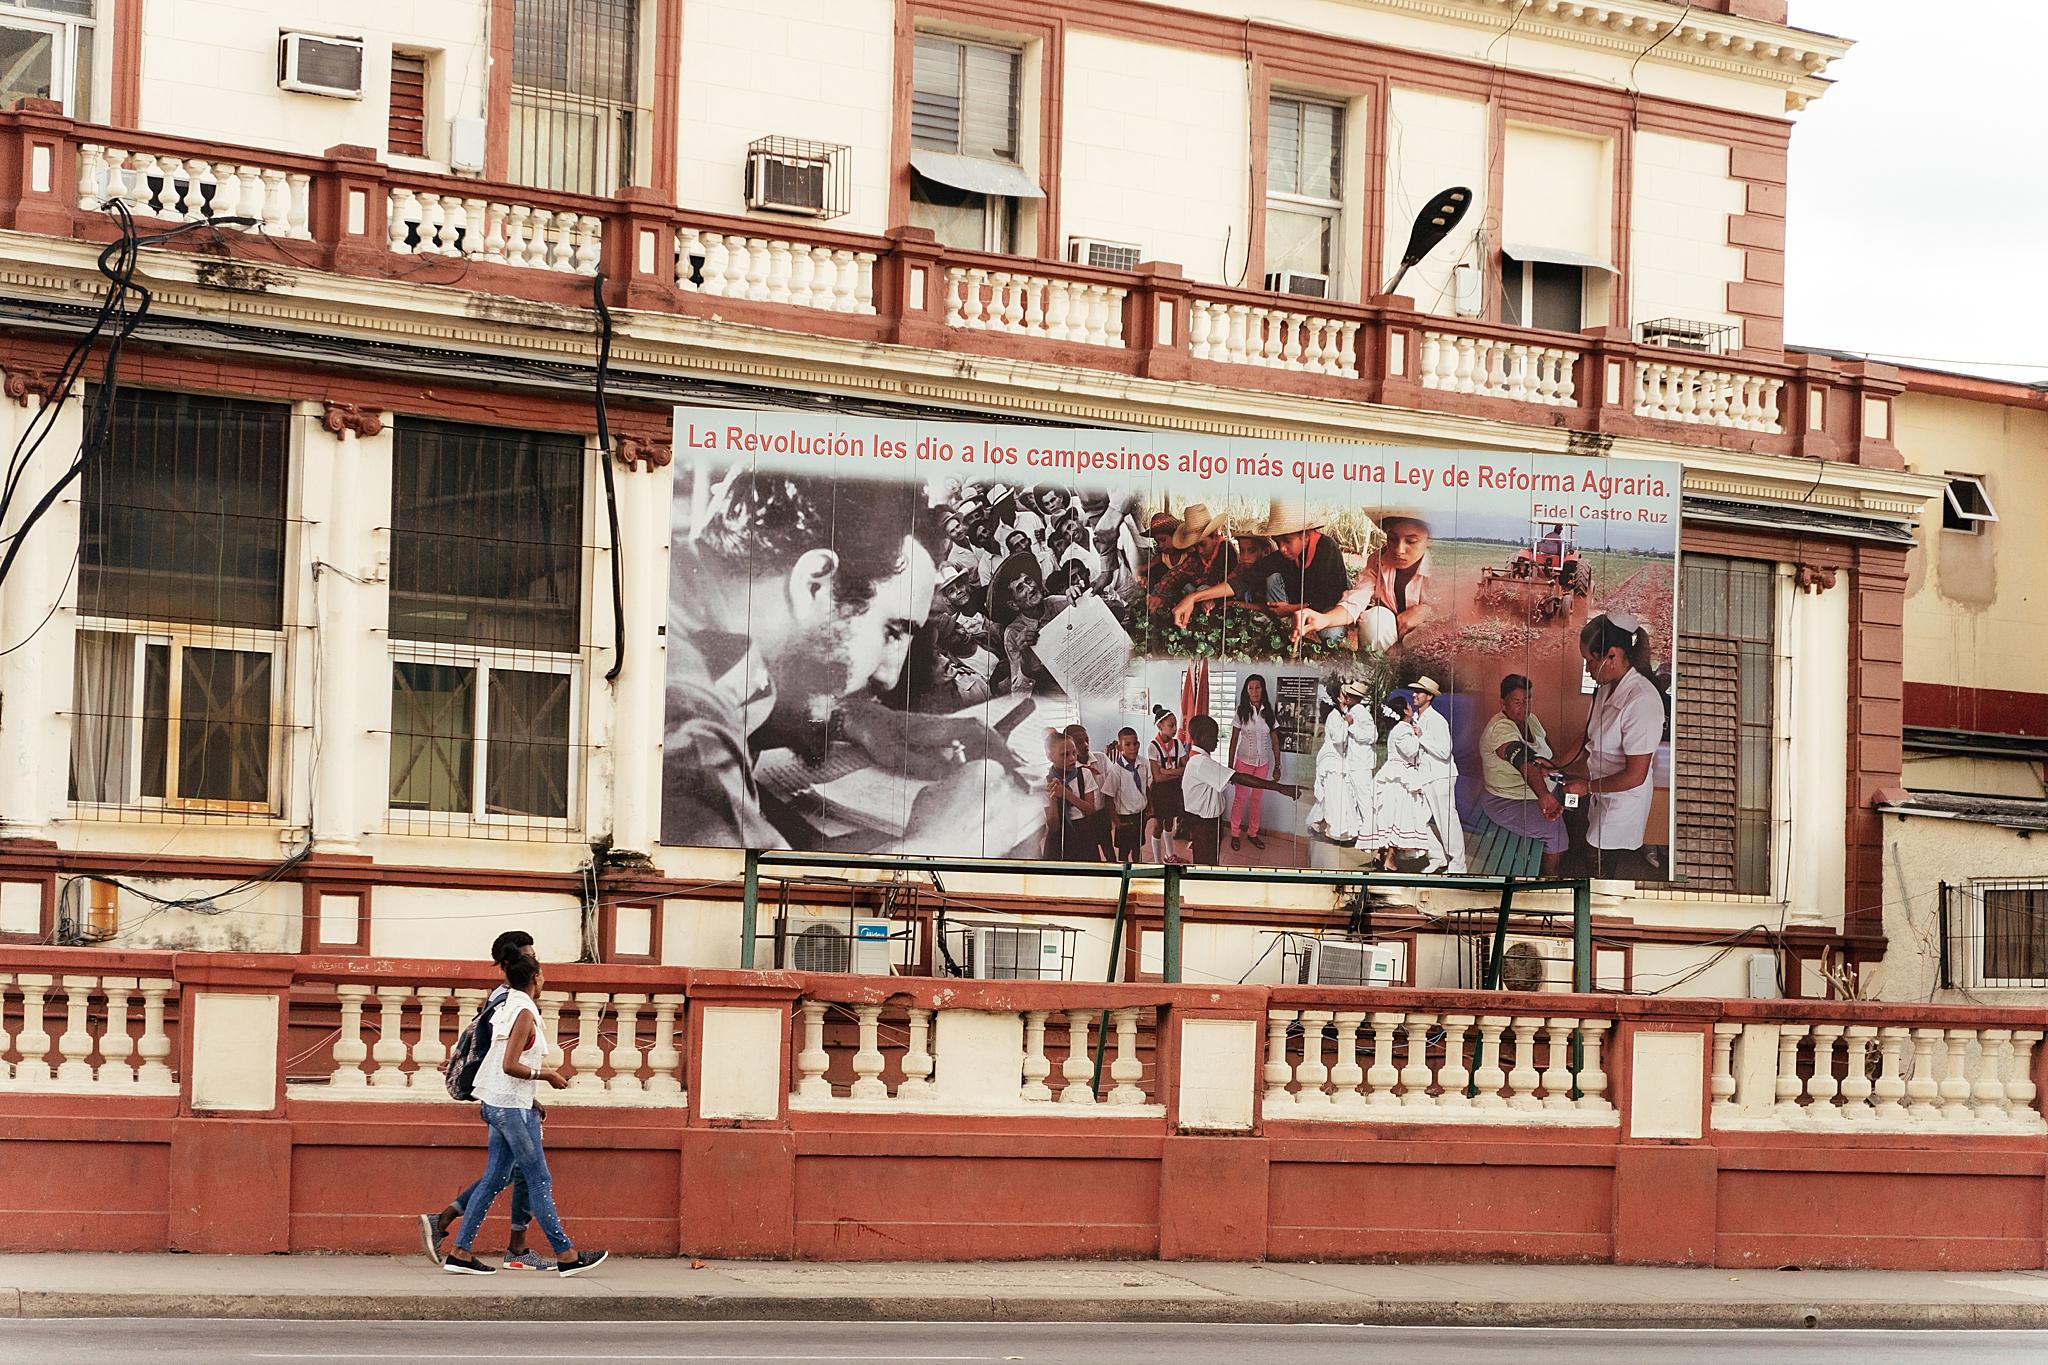 Vintage political propaganda in Havana, Cuba.